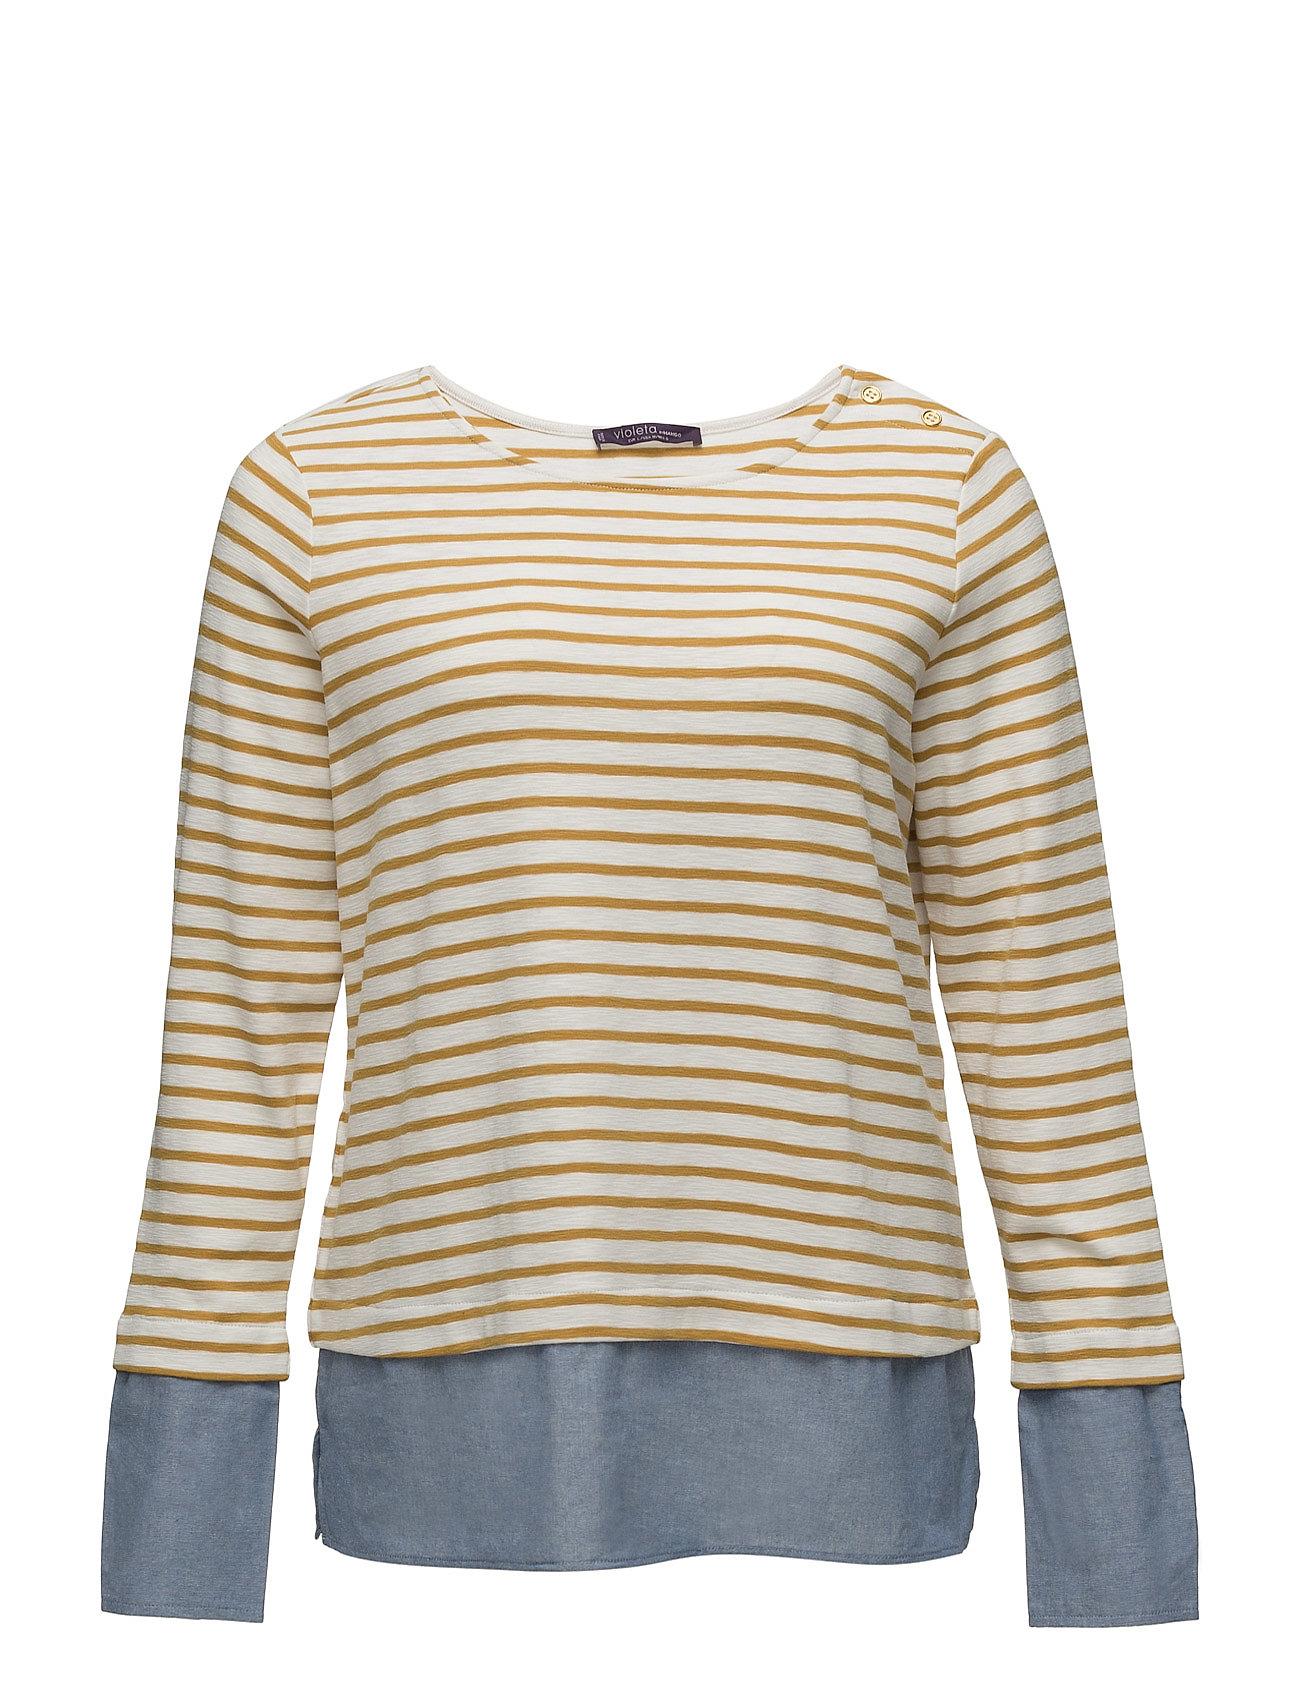 Striped Combi Sweatshirt Violeta by Mango Striktrøjer til Kvinder i Gul